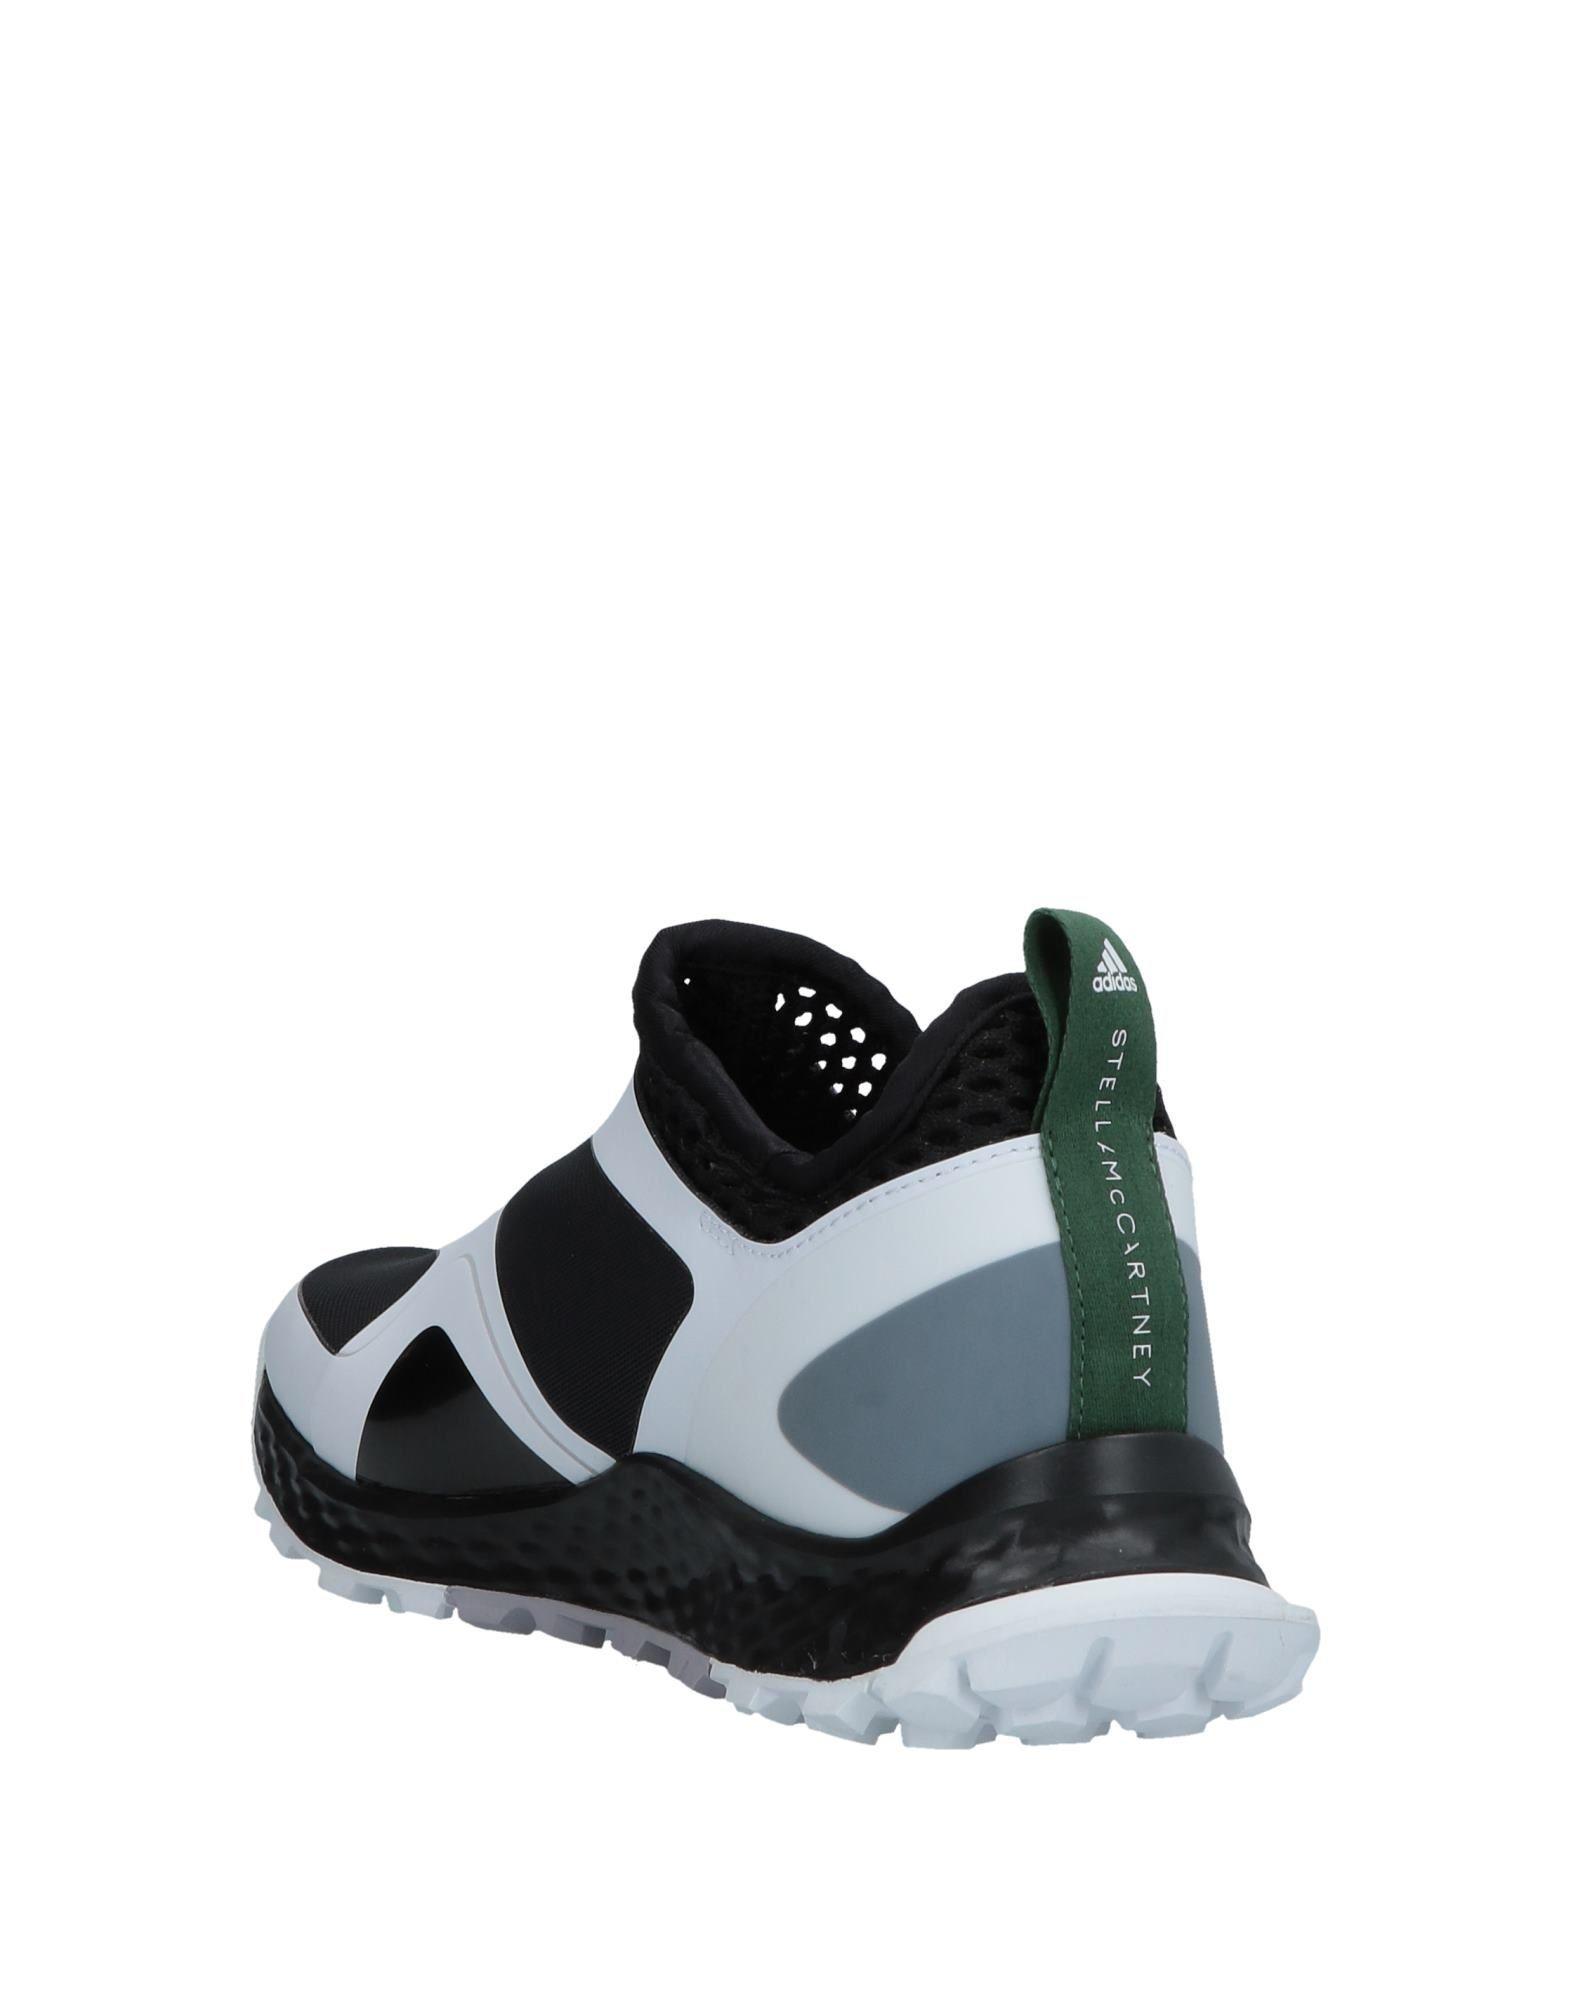 Adidas By Stella McCartney Black Sneakers